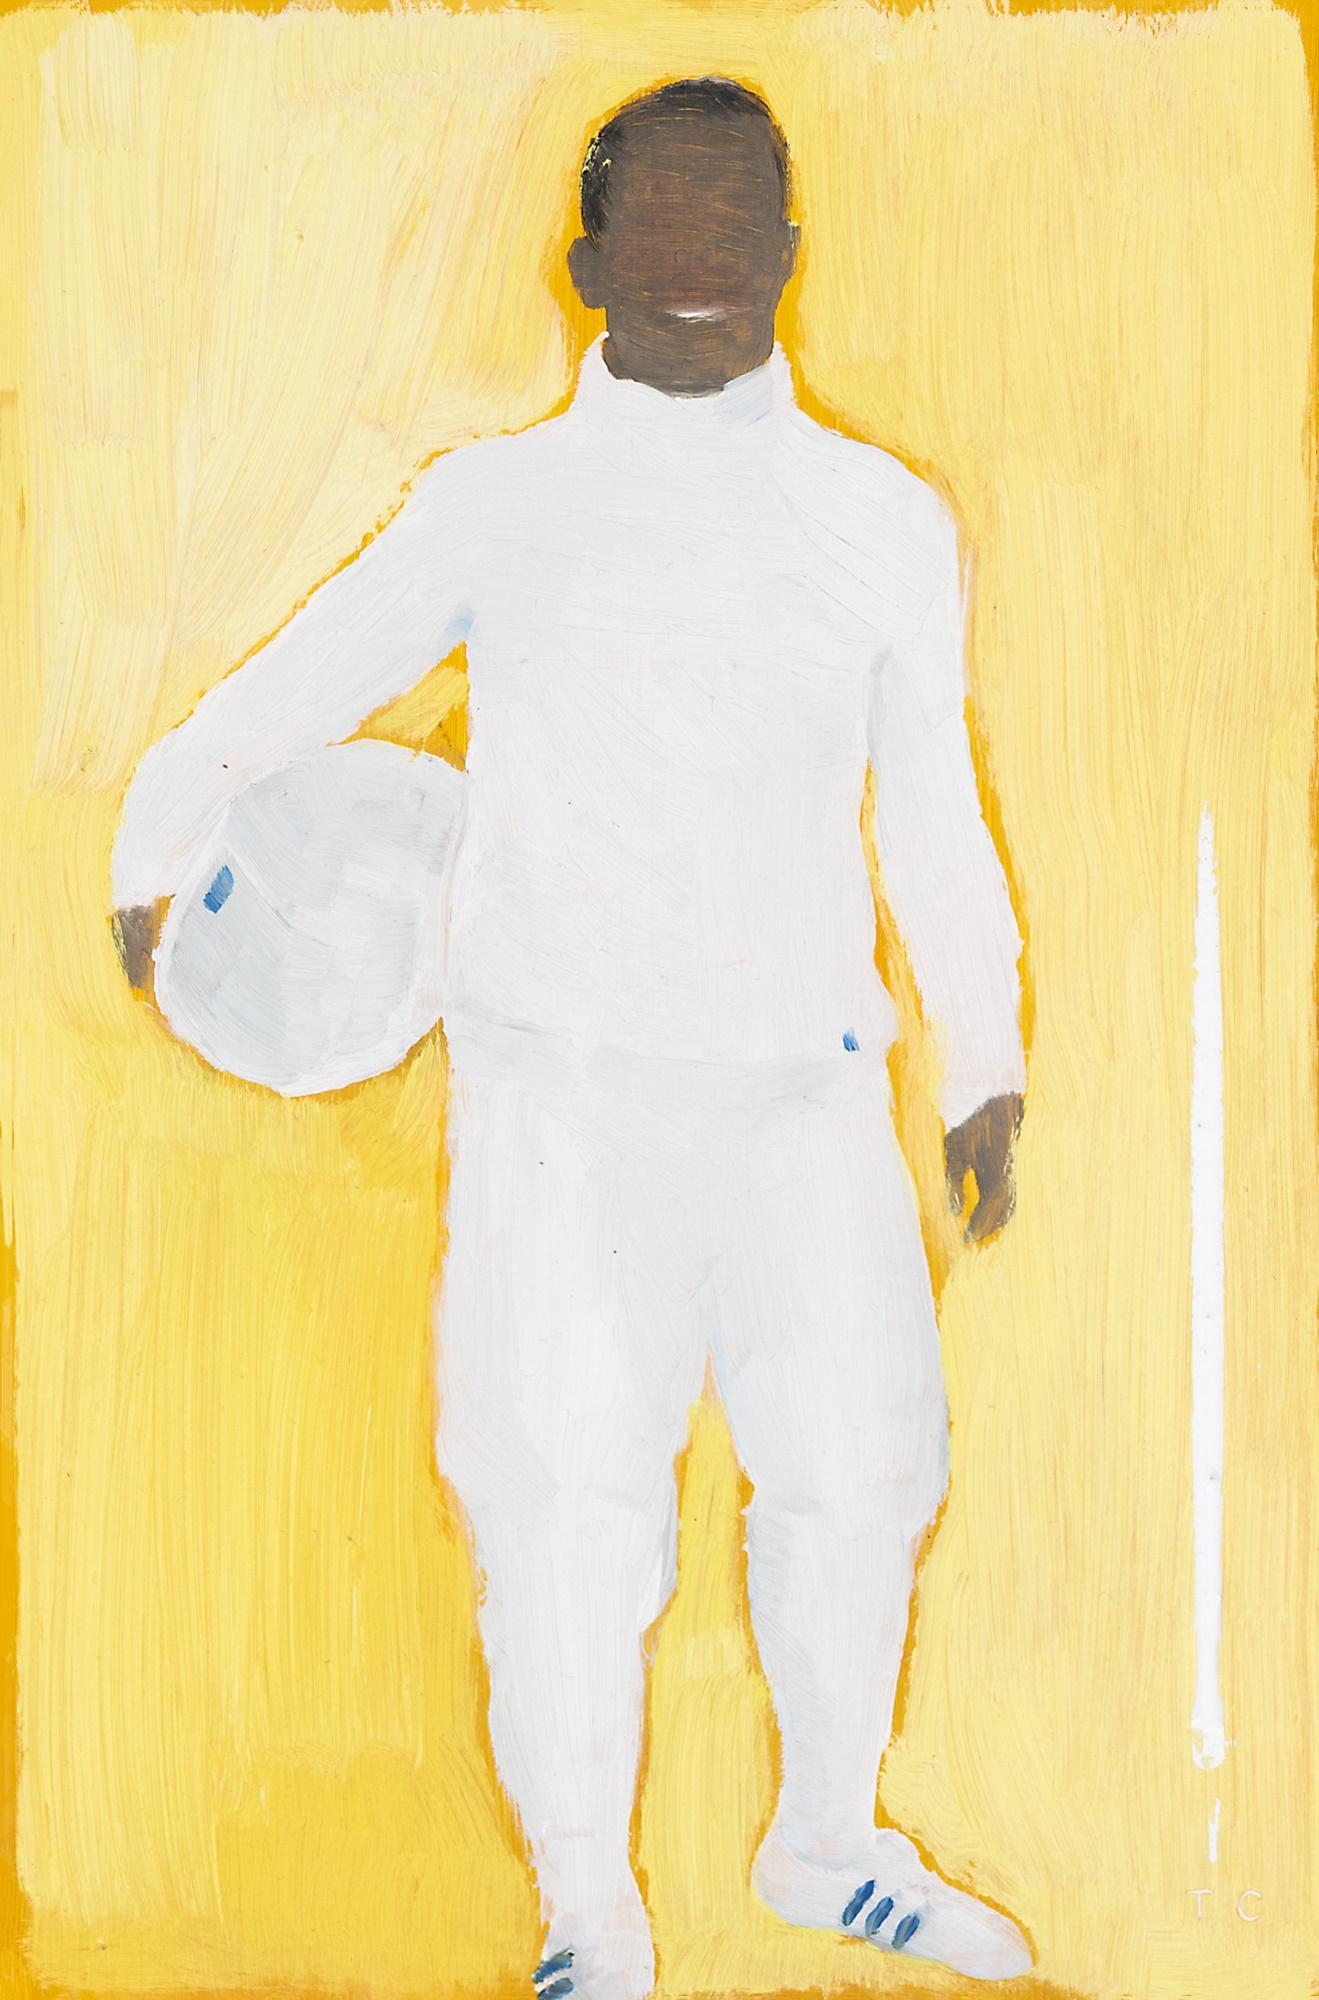 Tom Cullberg (Sweden 1972-) Fencer, 2004